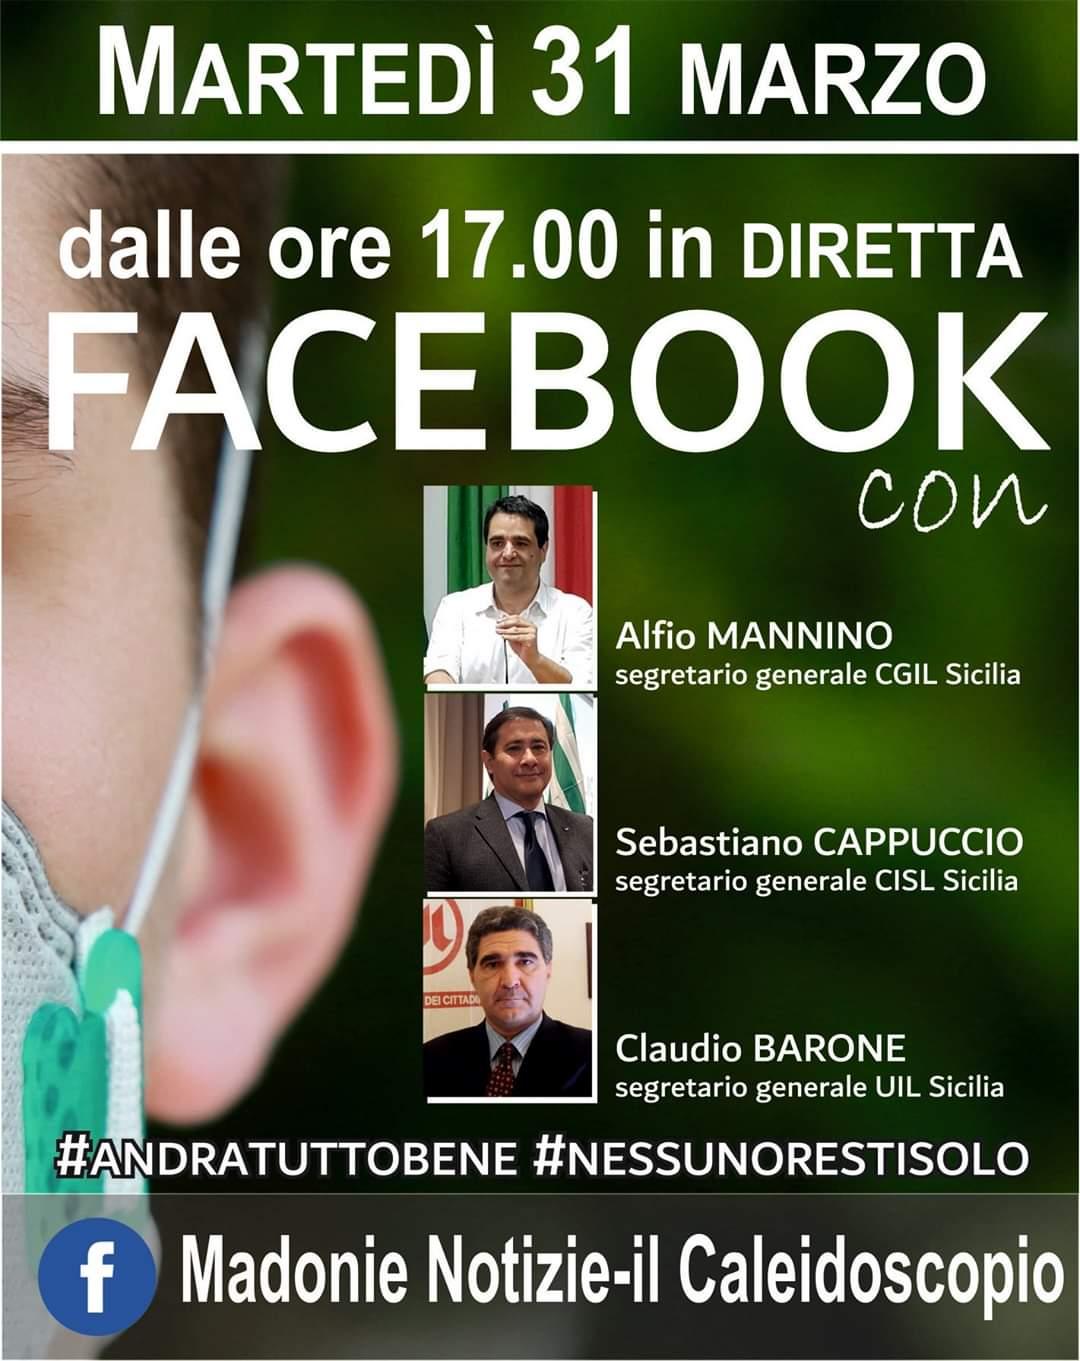 Diretta Facebook con i Segretari Generali di Cgil, Cisl e Uil Sicilia Alfio Mannino, Sebastiano Cappuccio E Claudio Barone